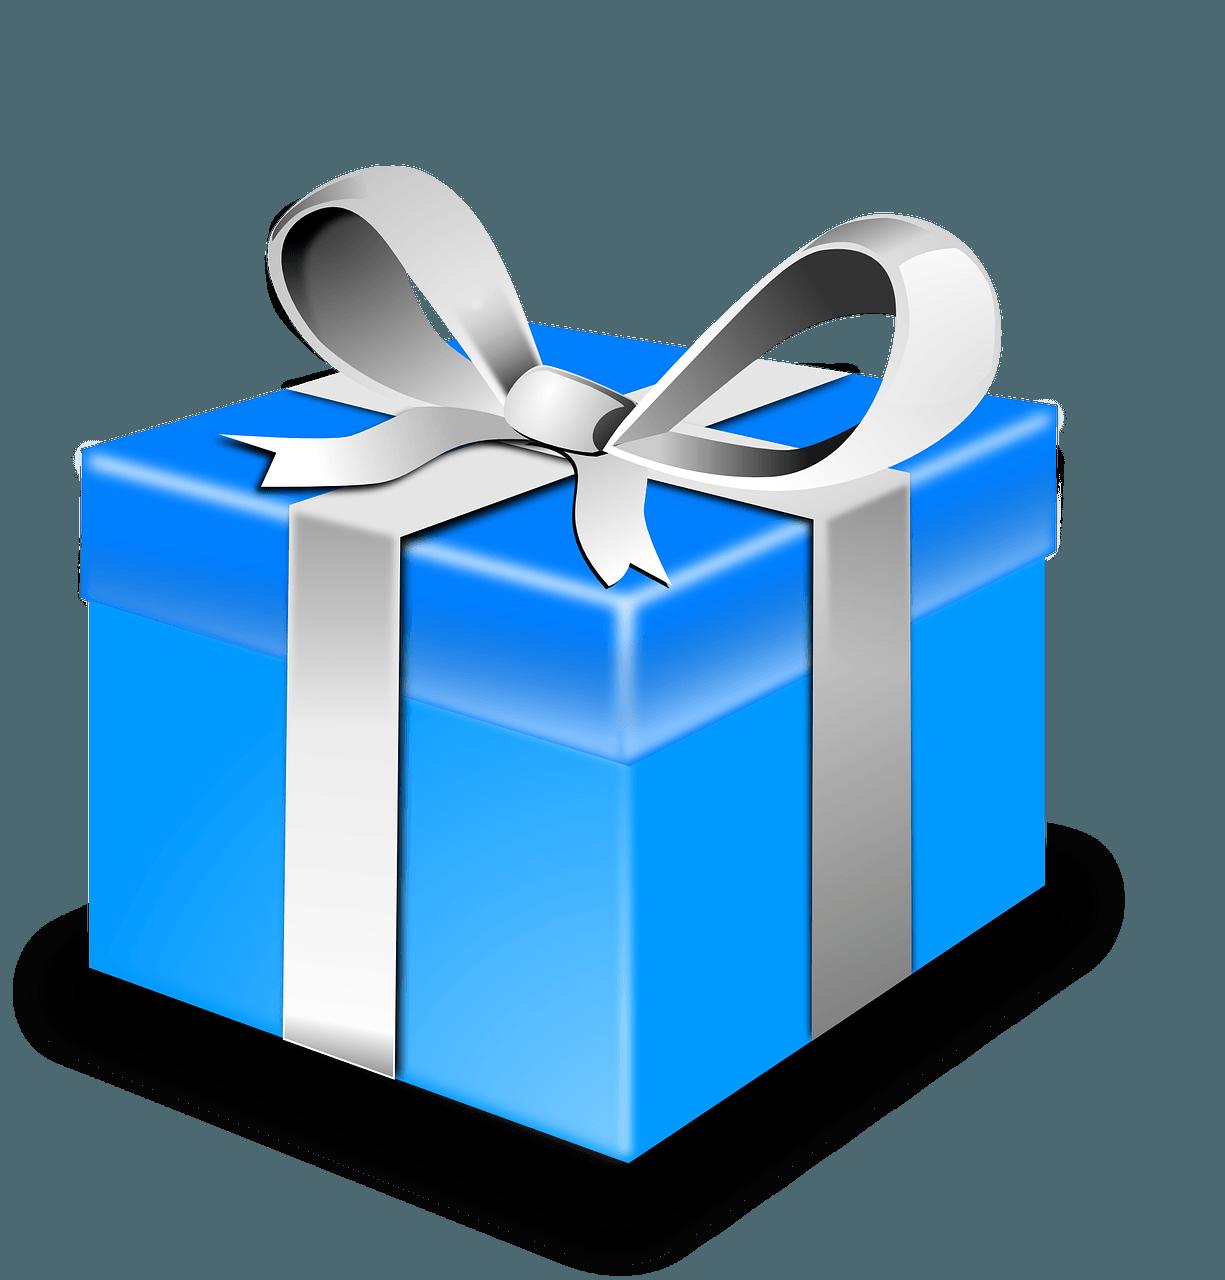 hubschrauber-rundflug-geschenk-geburtstag-weihnachten-ostern